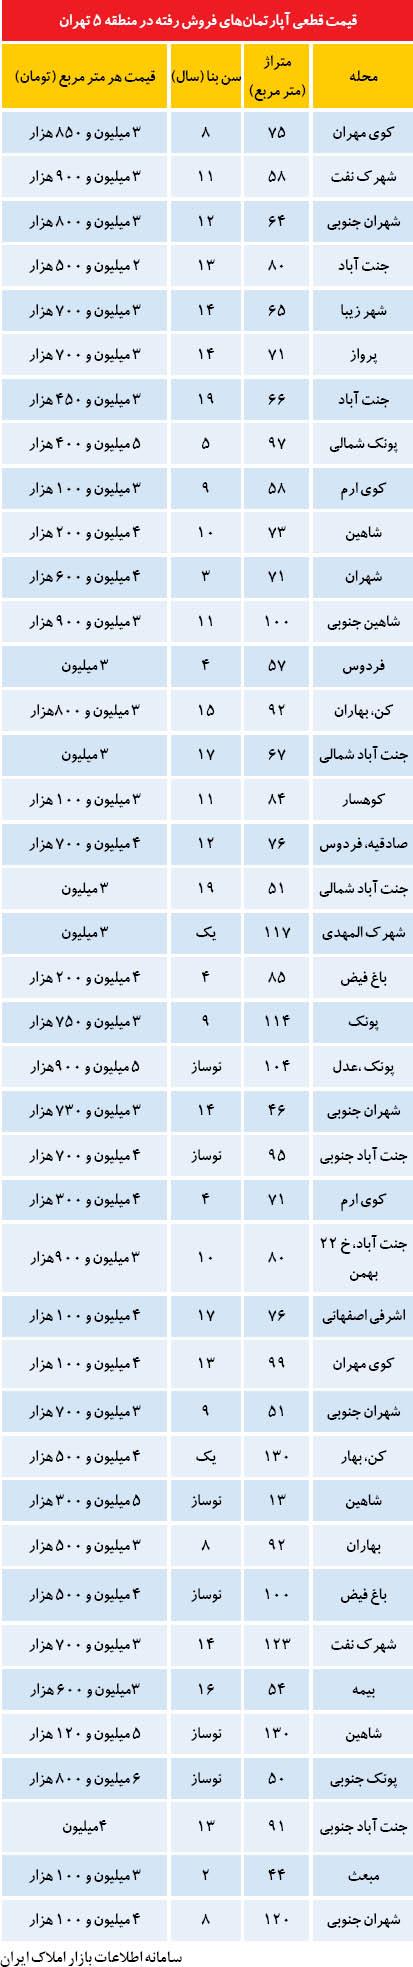 قیمت آپارتمان در منطقه 5 تهران (+جدول)